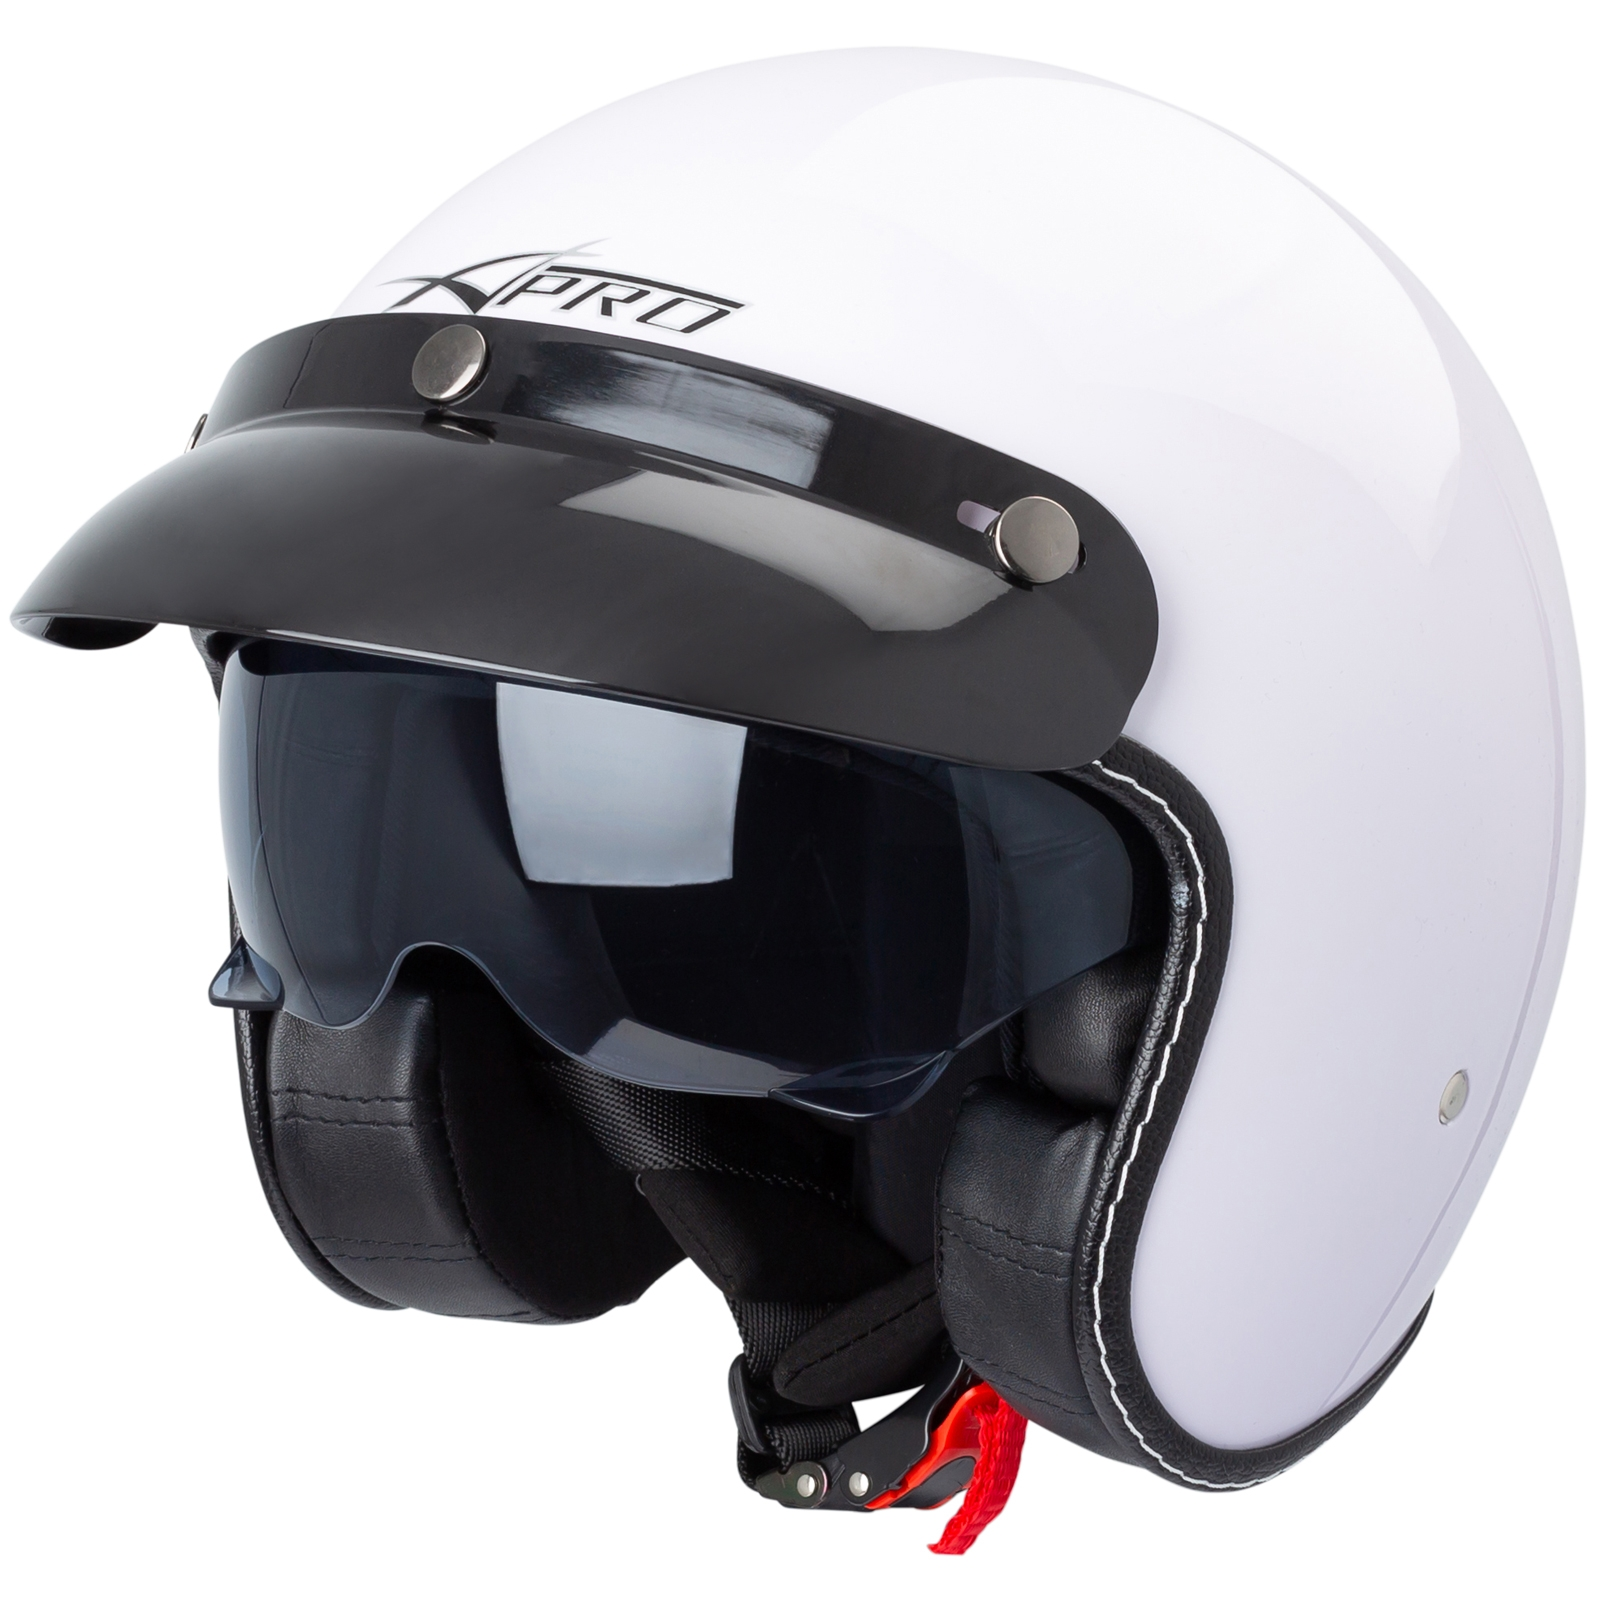 Casco-Moto-Jet-Cafe-Racer-Omologato-ECE-22-05-Parasole-scooter miniatuur 33